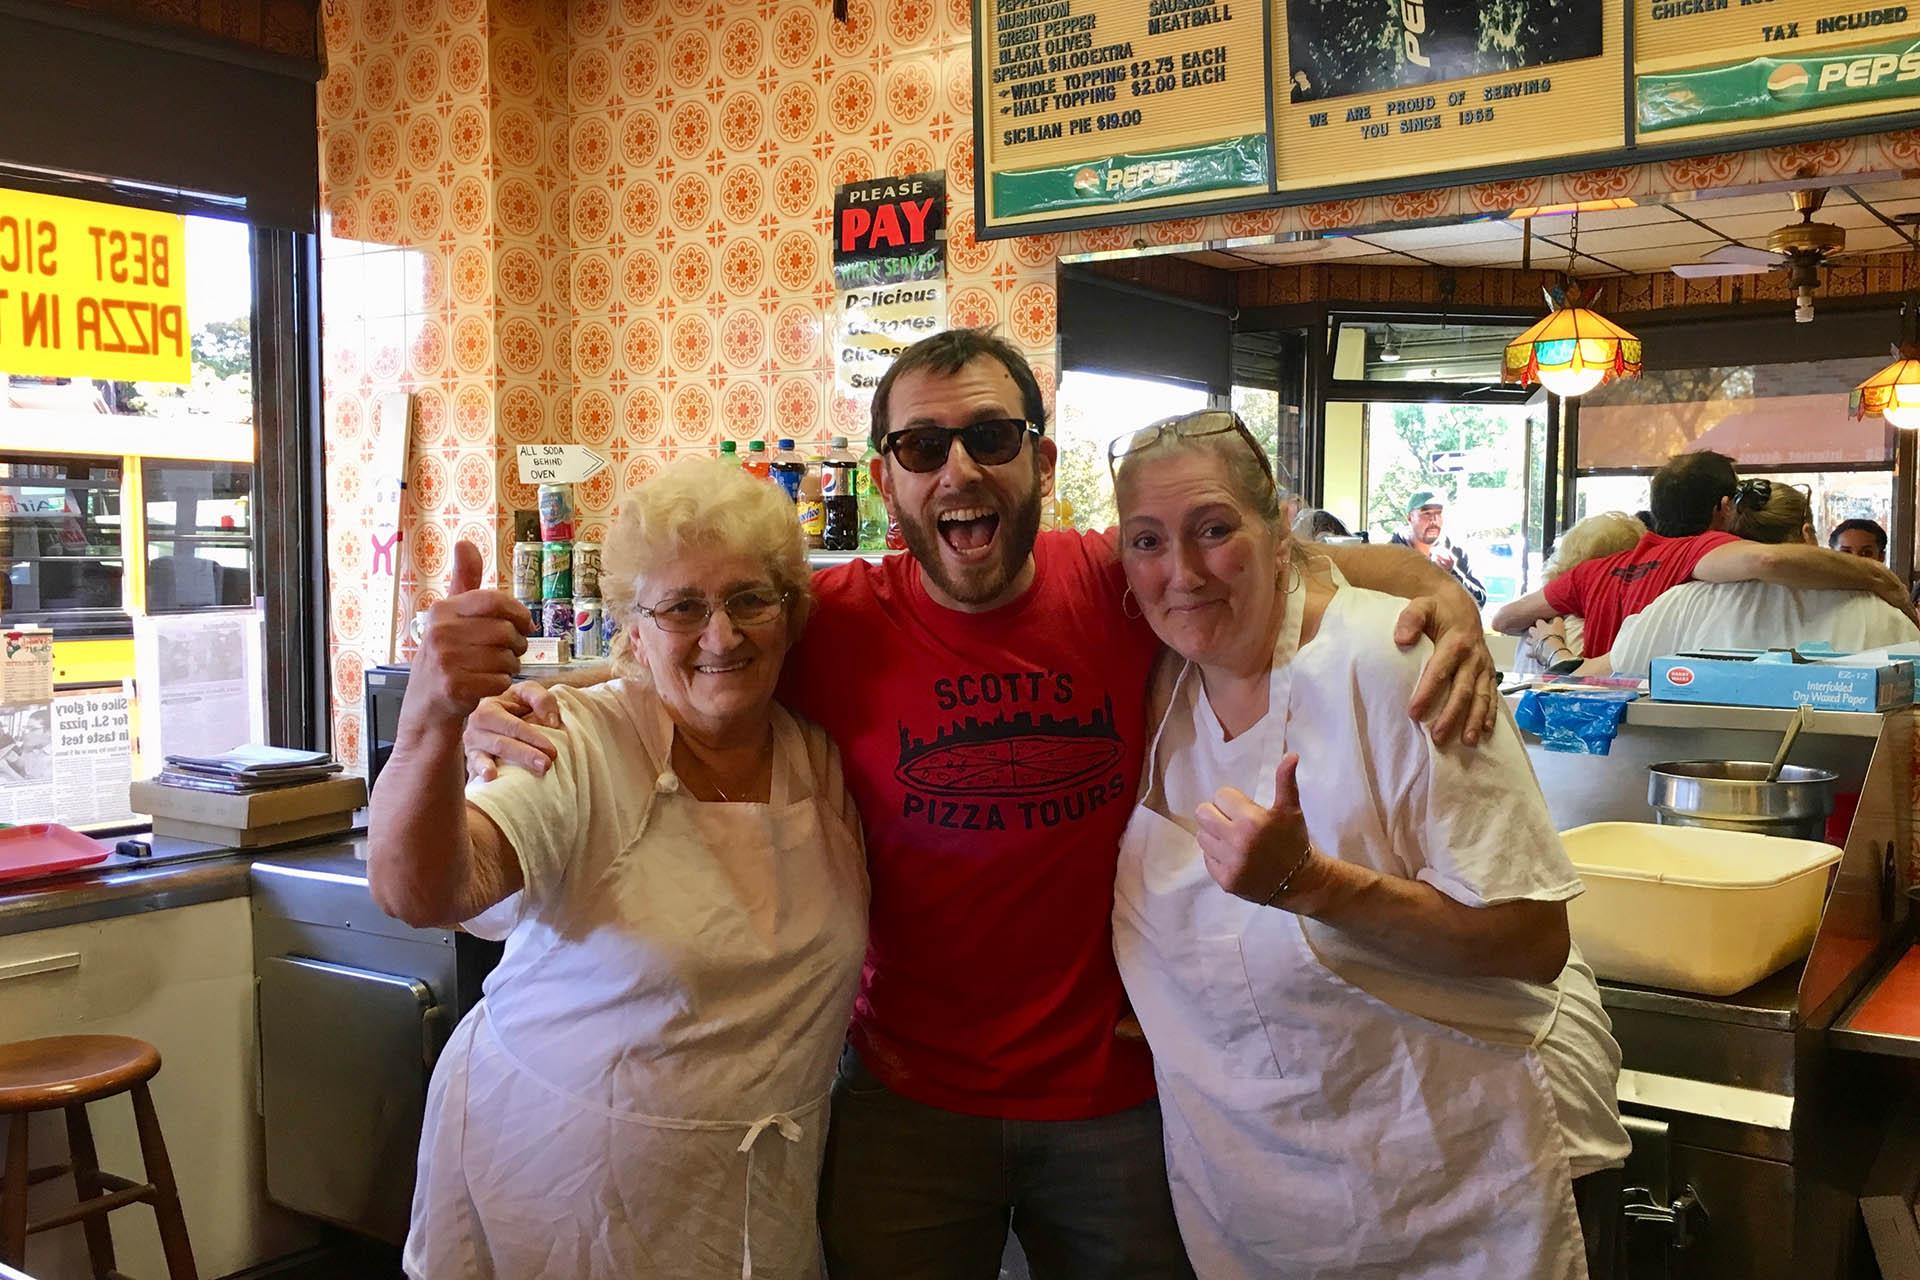 scott's pizza tours scott weiner